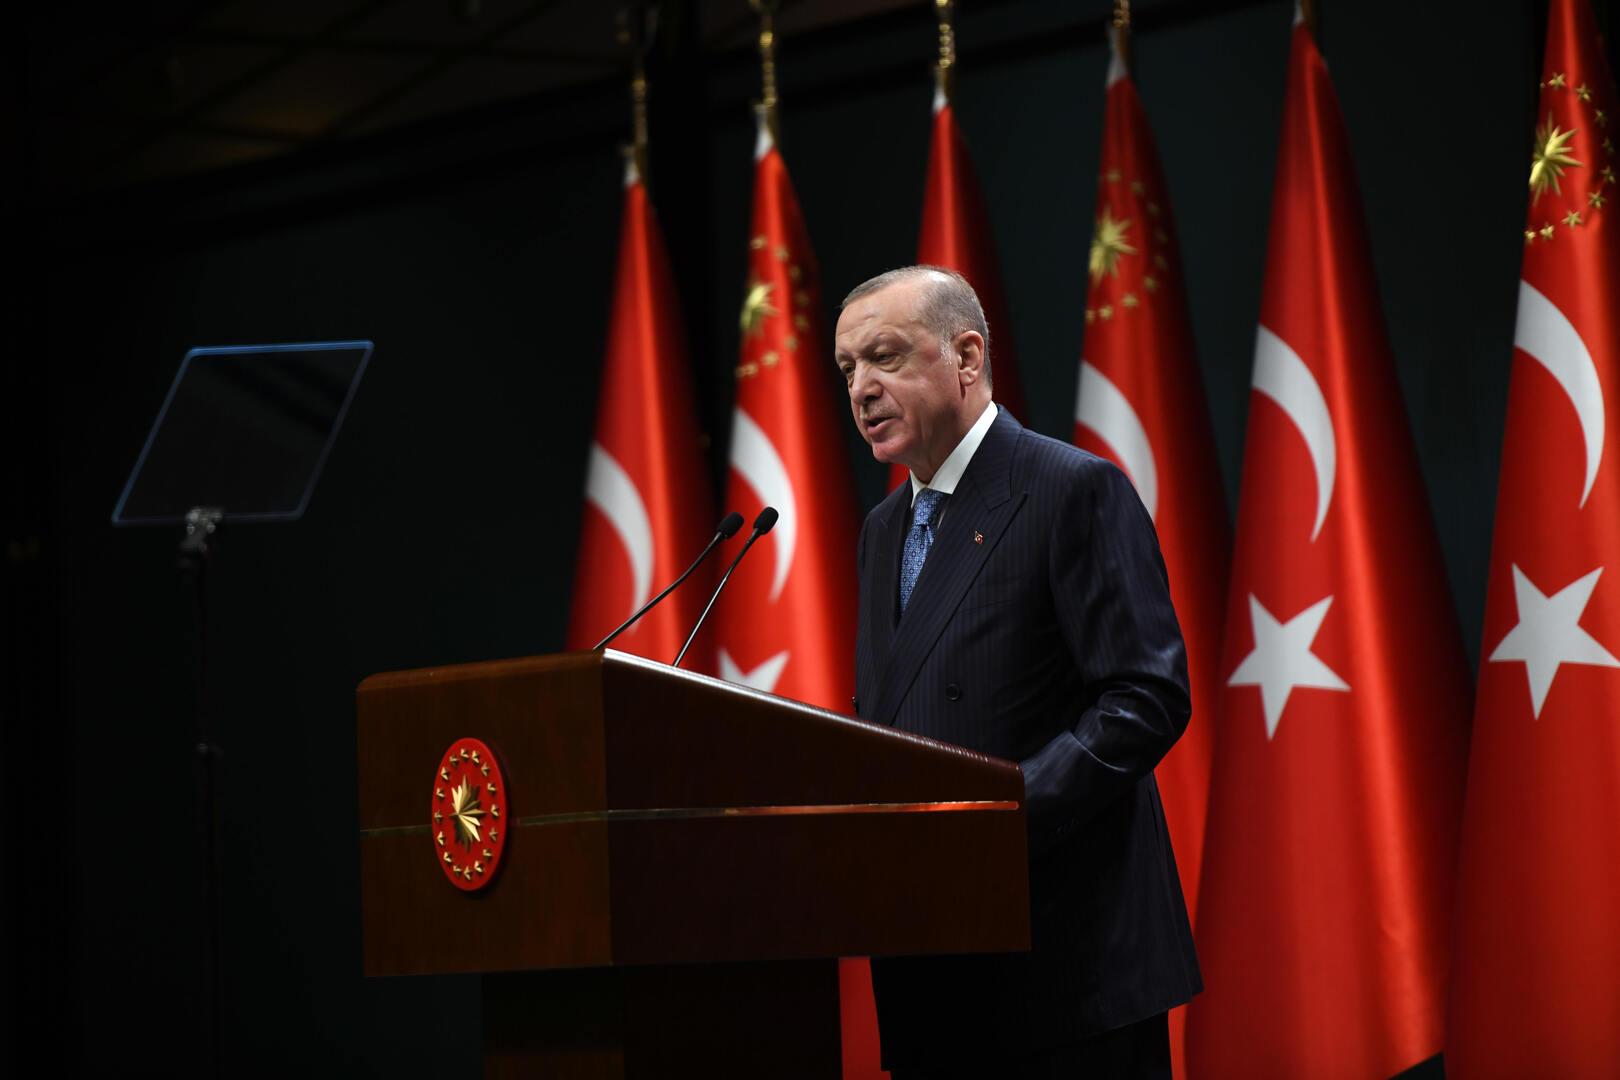 أردوغان: يجب الحفاظ على وحدة أراضي أوكرانيا بما فيها القرم